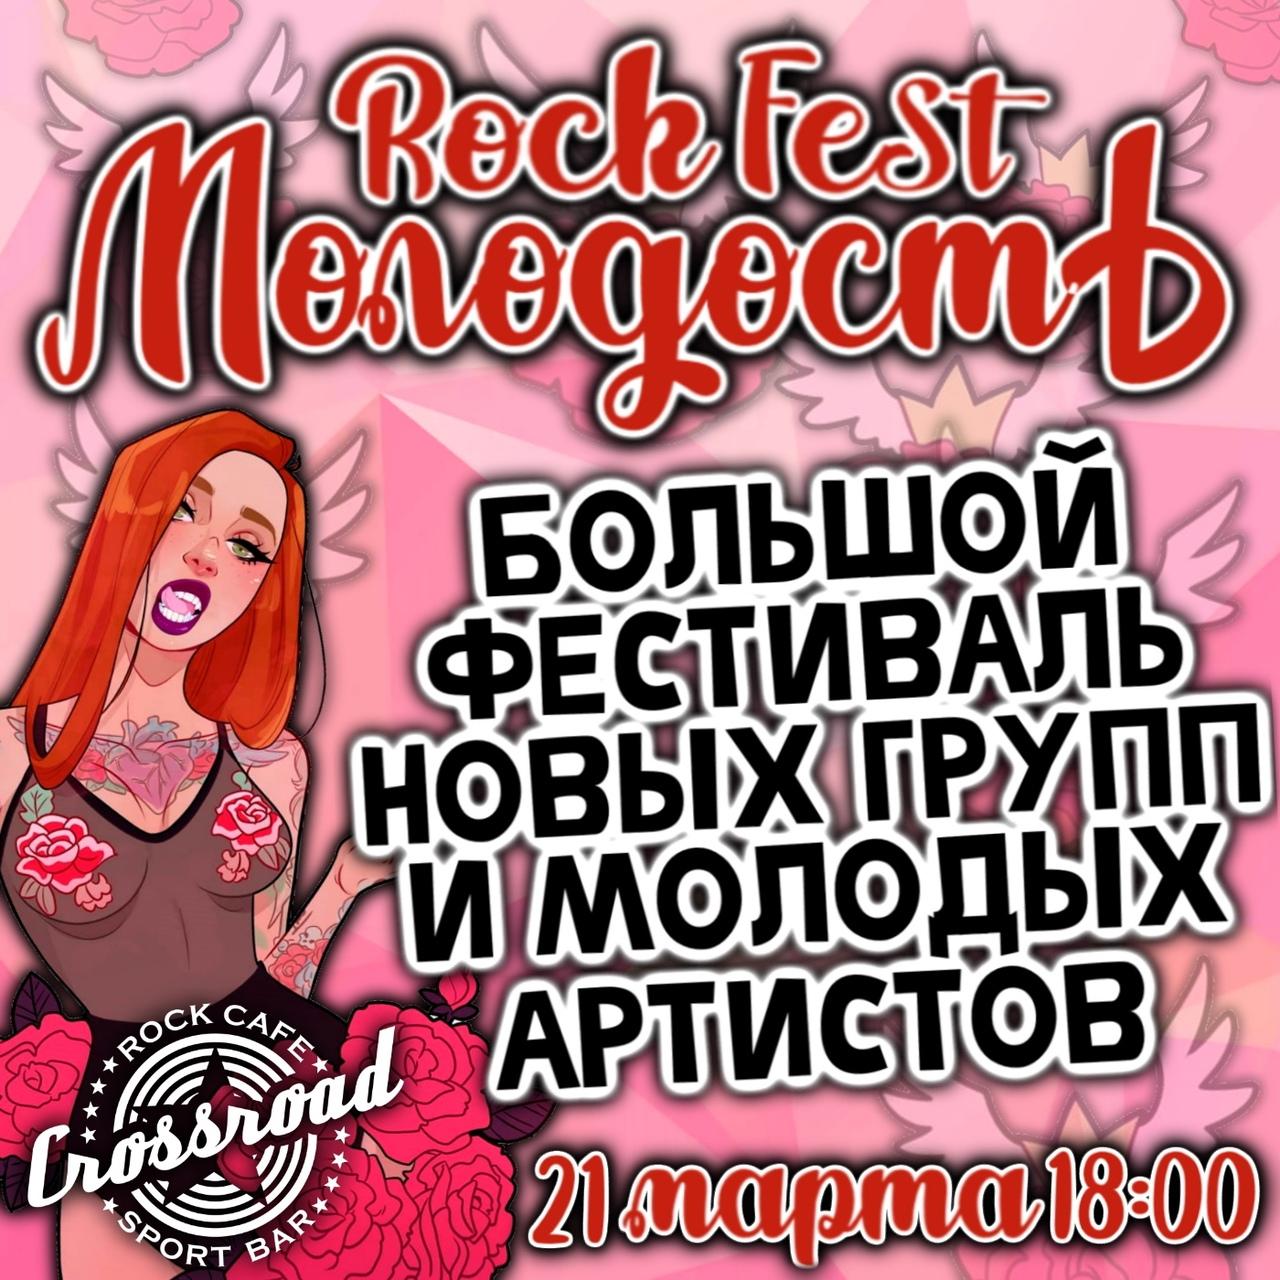 Афиша Хабаровск Молодость Fest 21 марта Crossroad Bar